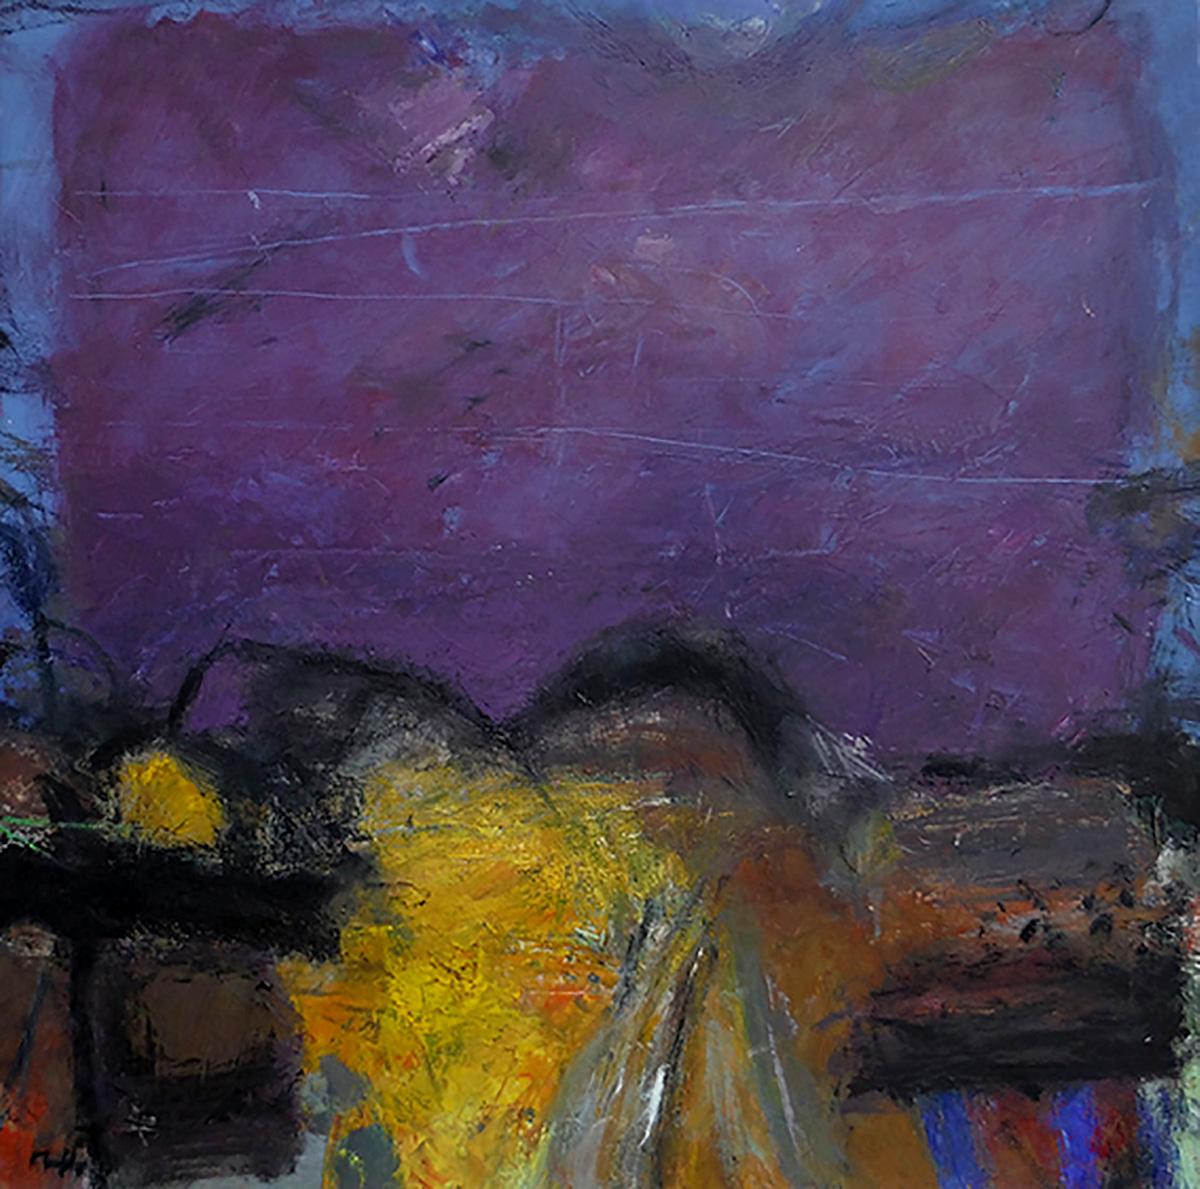 Sandy Murphy, Foothills', oil on linen